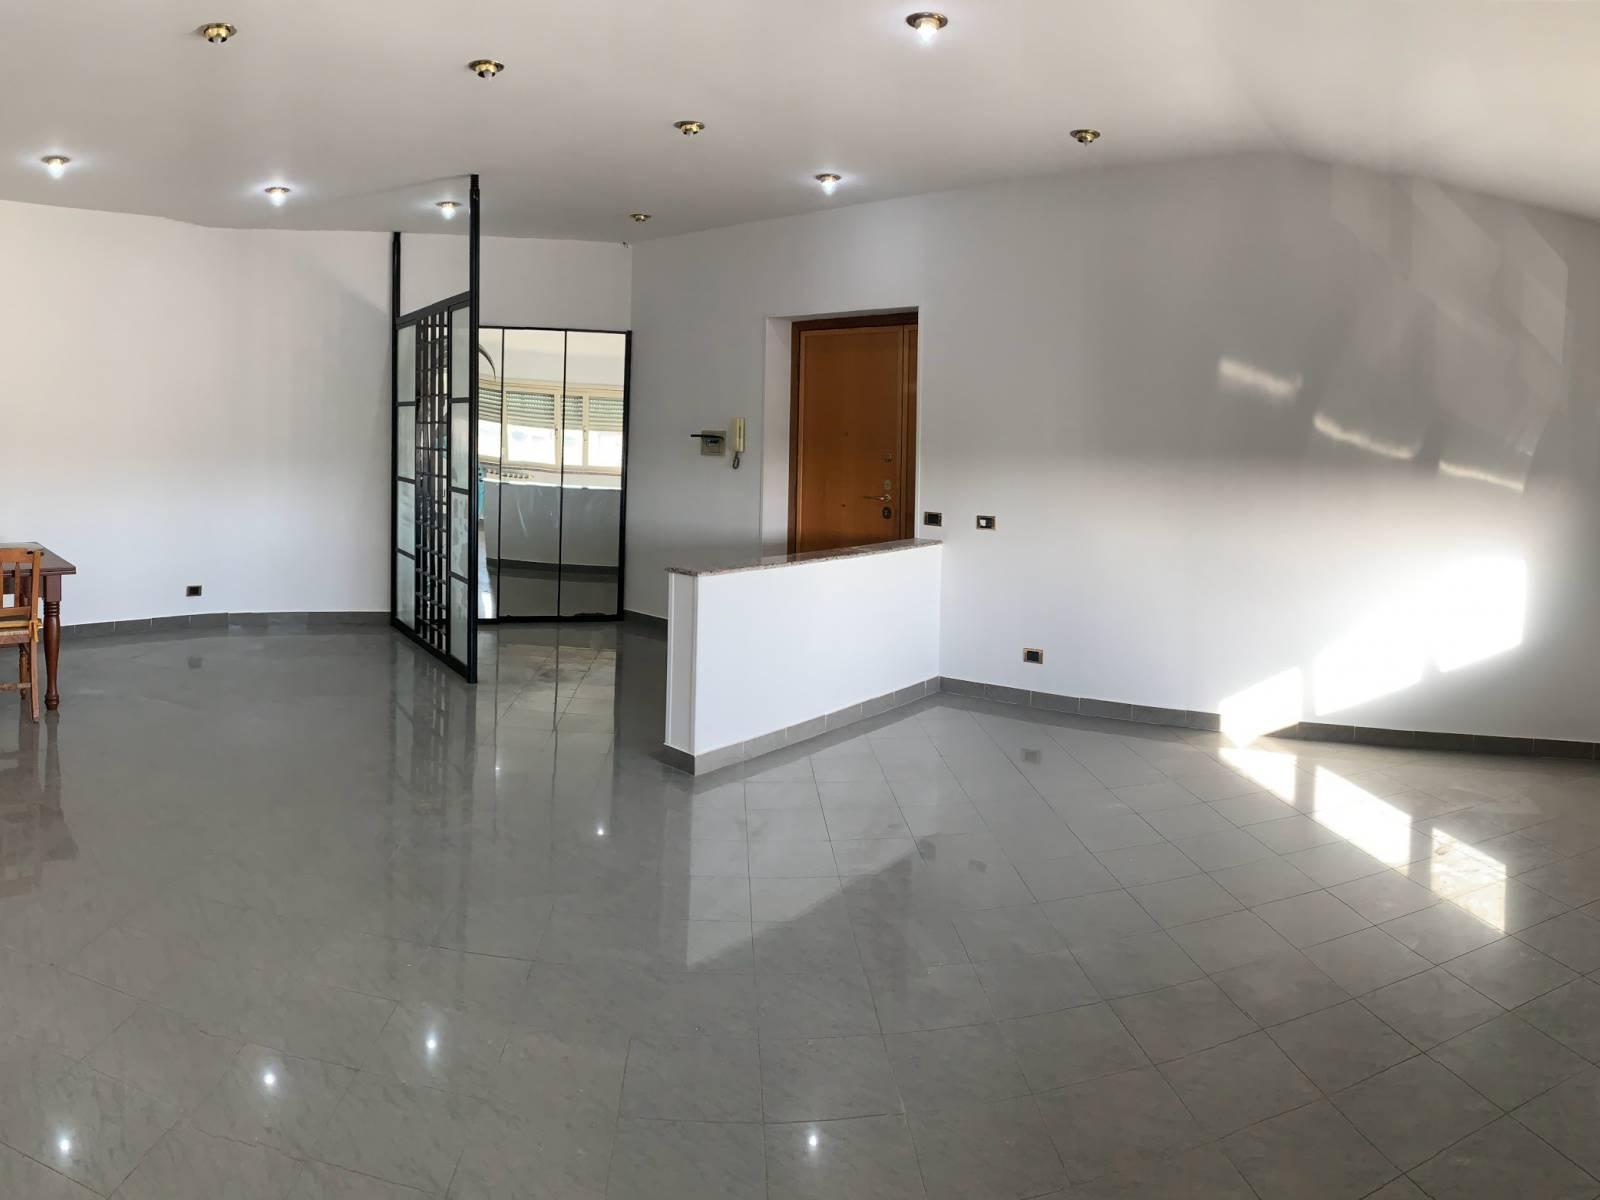 Appartamento in vendita a Roma, 4 locali, zona Zona: 27 . Aurelio - Boccea, prezzo € 285.000 | CambioCasa.it